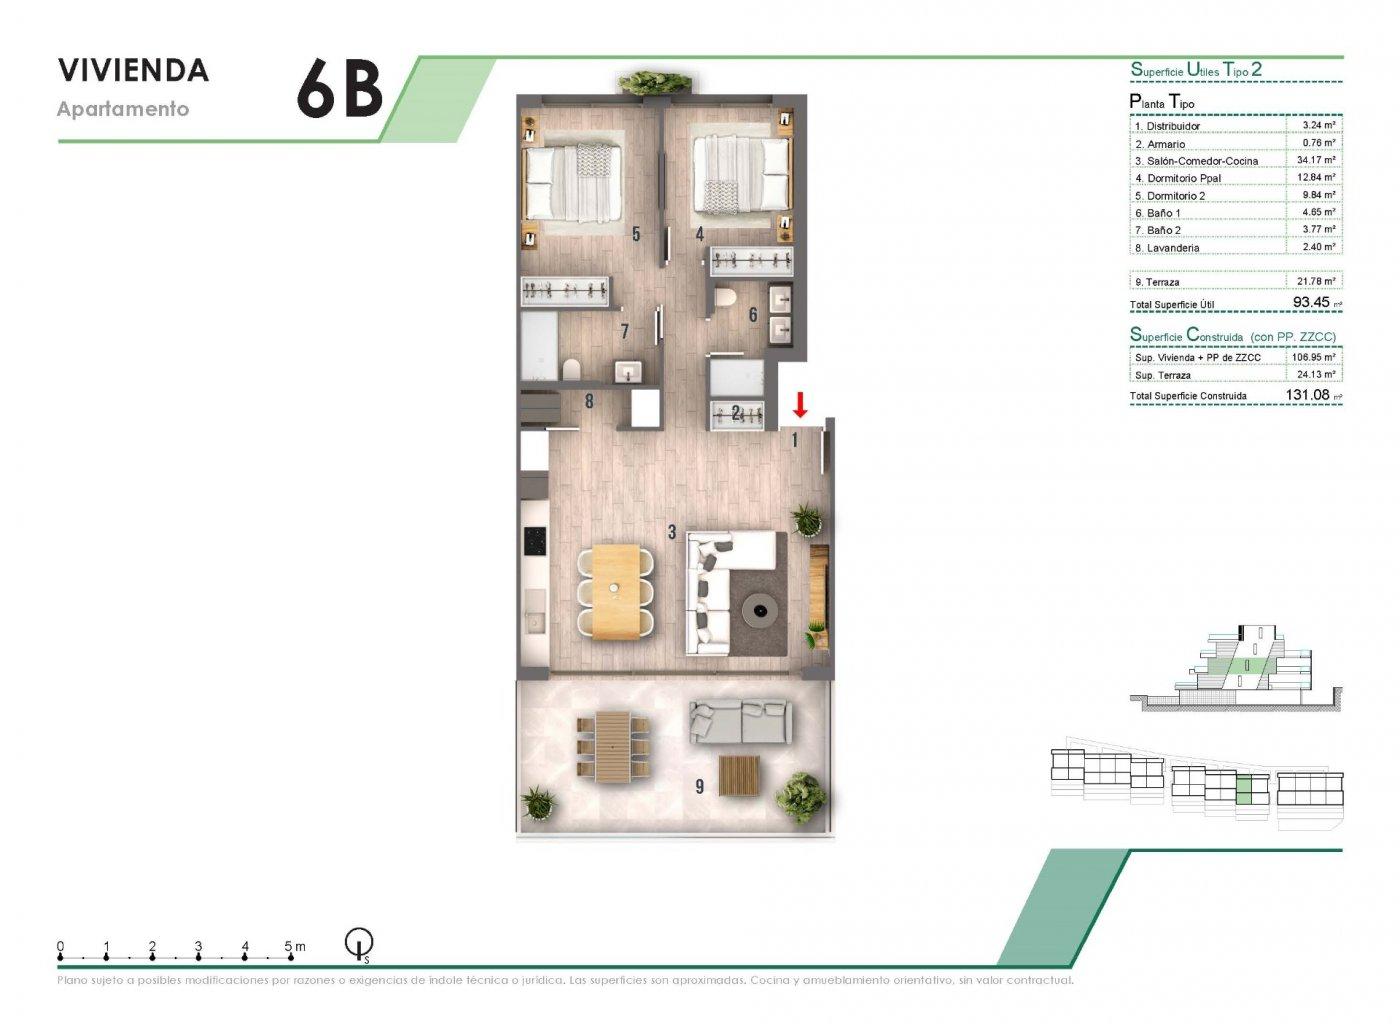 Nuevo complejo residencial en finestrat con vistas al mar!!! - imagenInmueble17